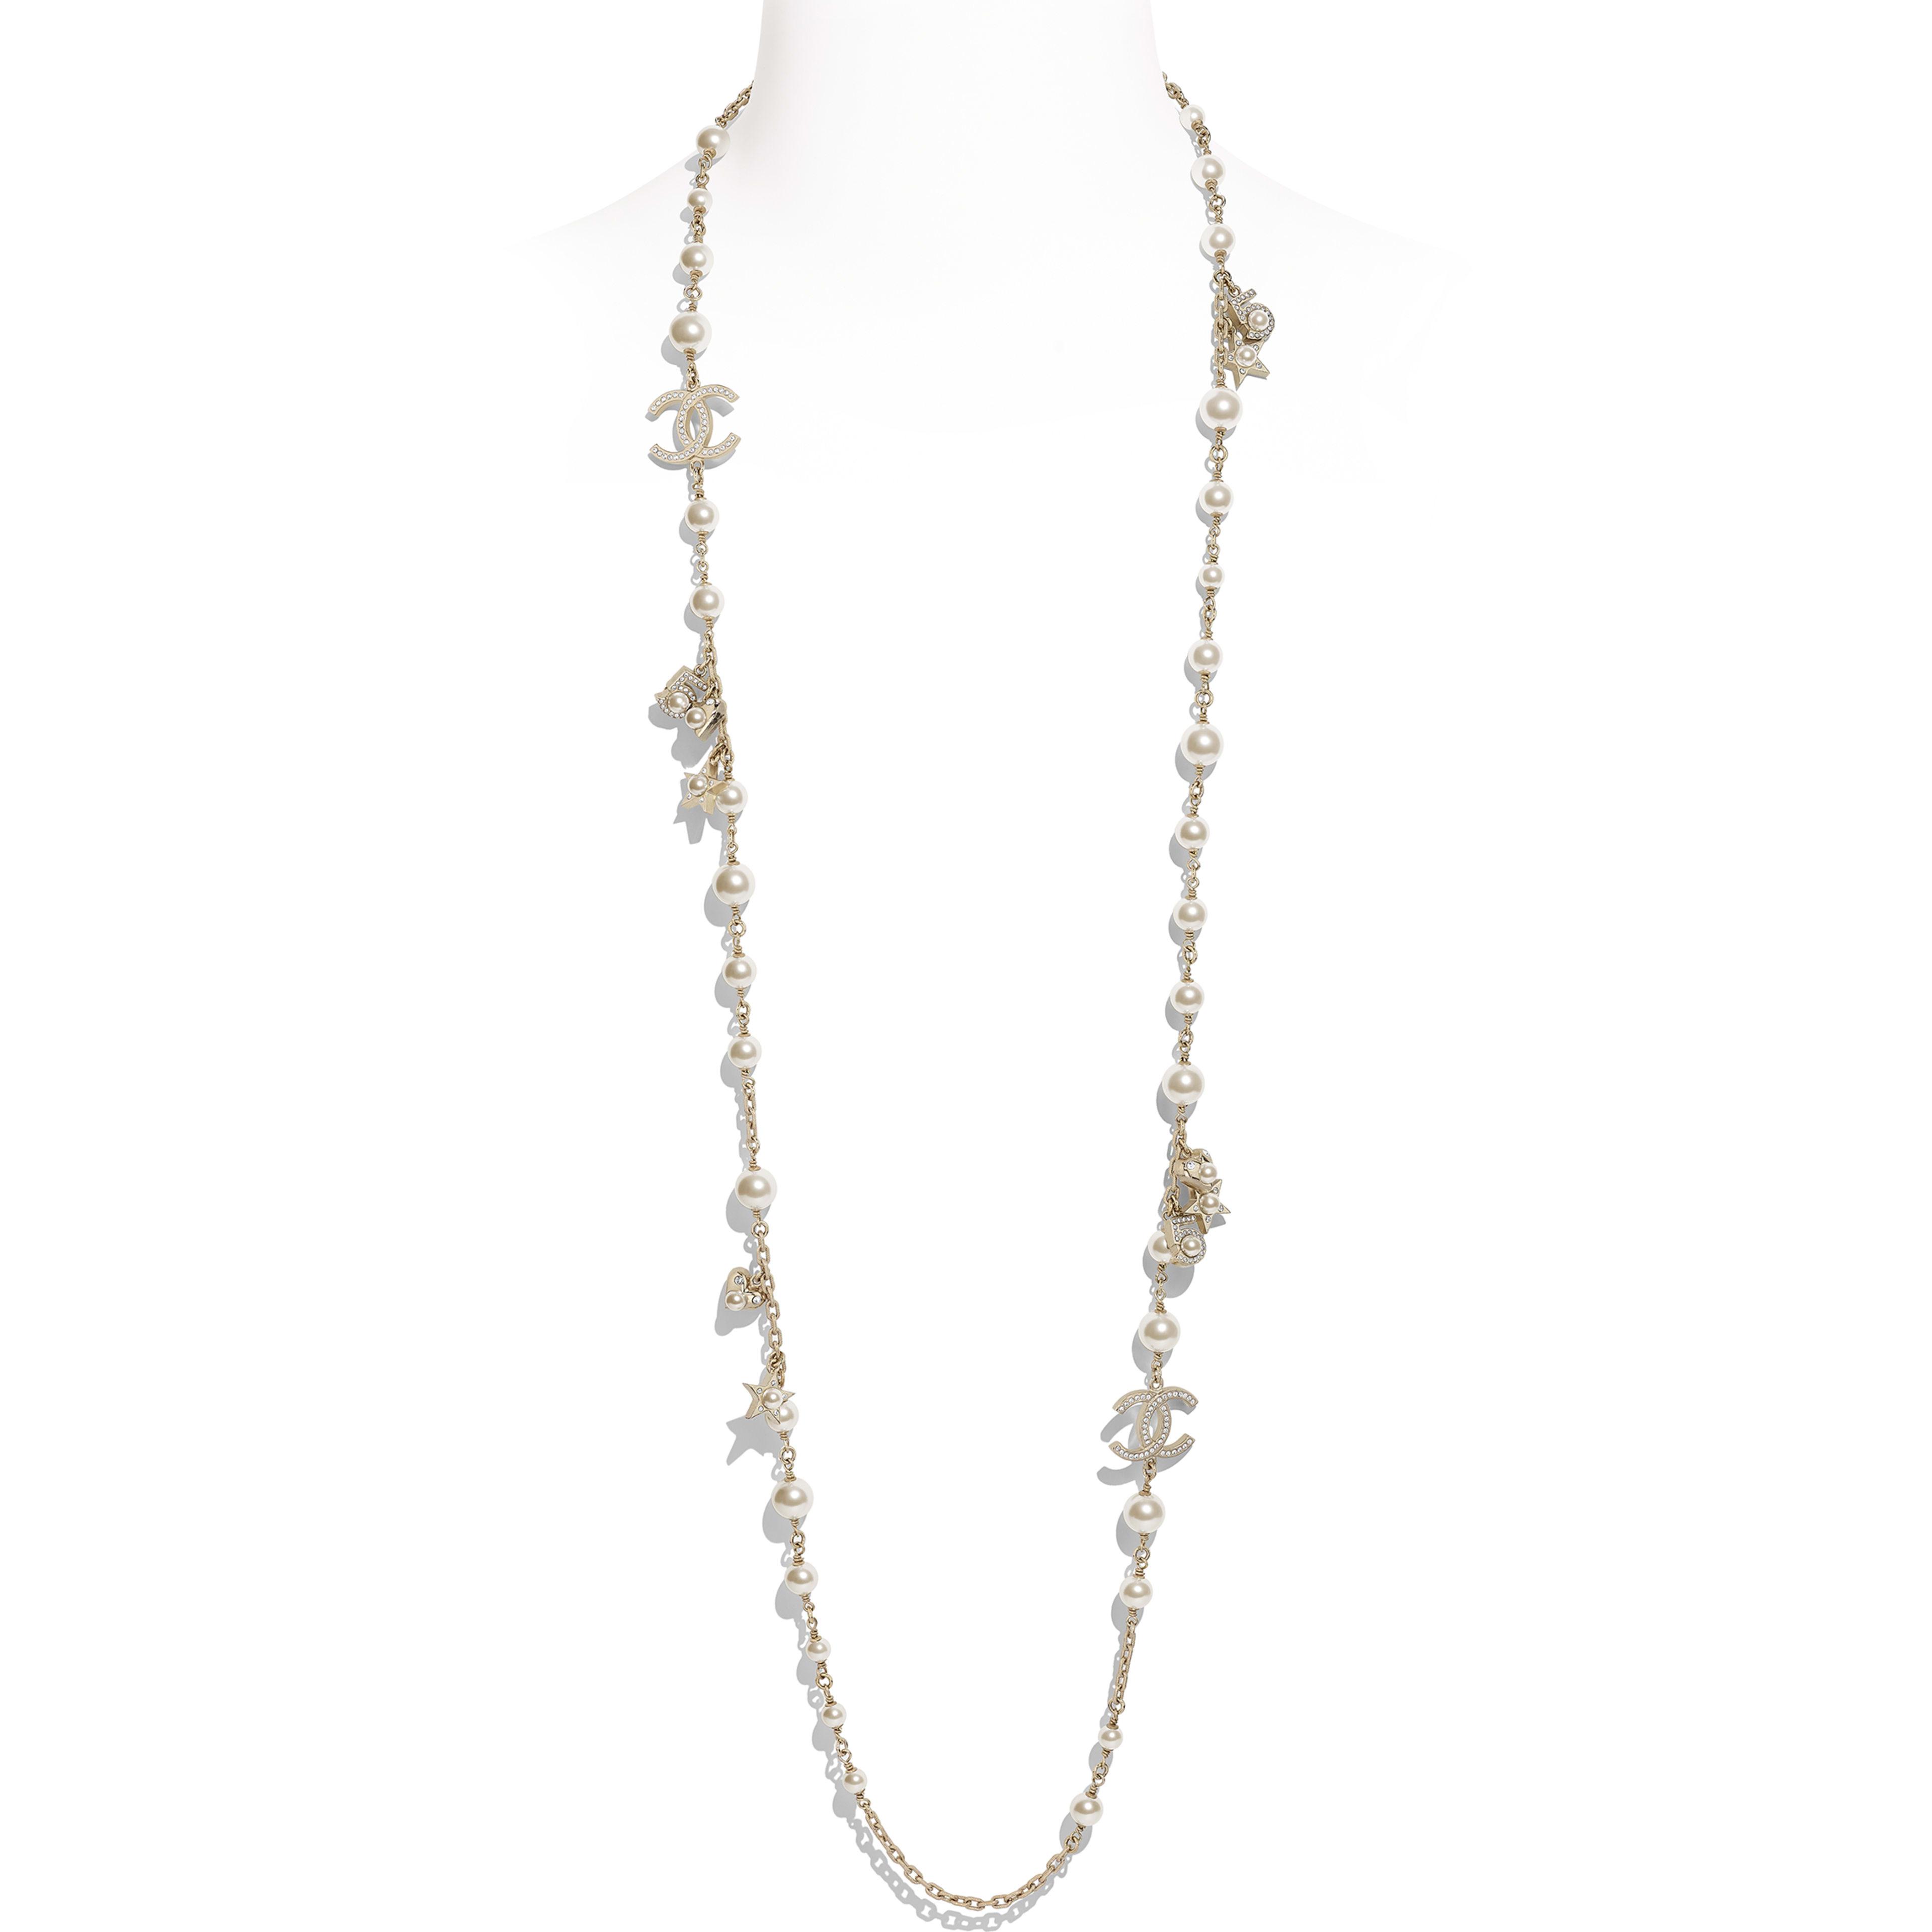 長項鏈 - 金、珍珠白與水晶 - 金屬、琉璃珠與水鑽 - 預設視圖 - 查看全尺寸版本